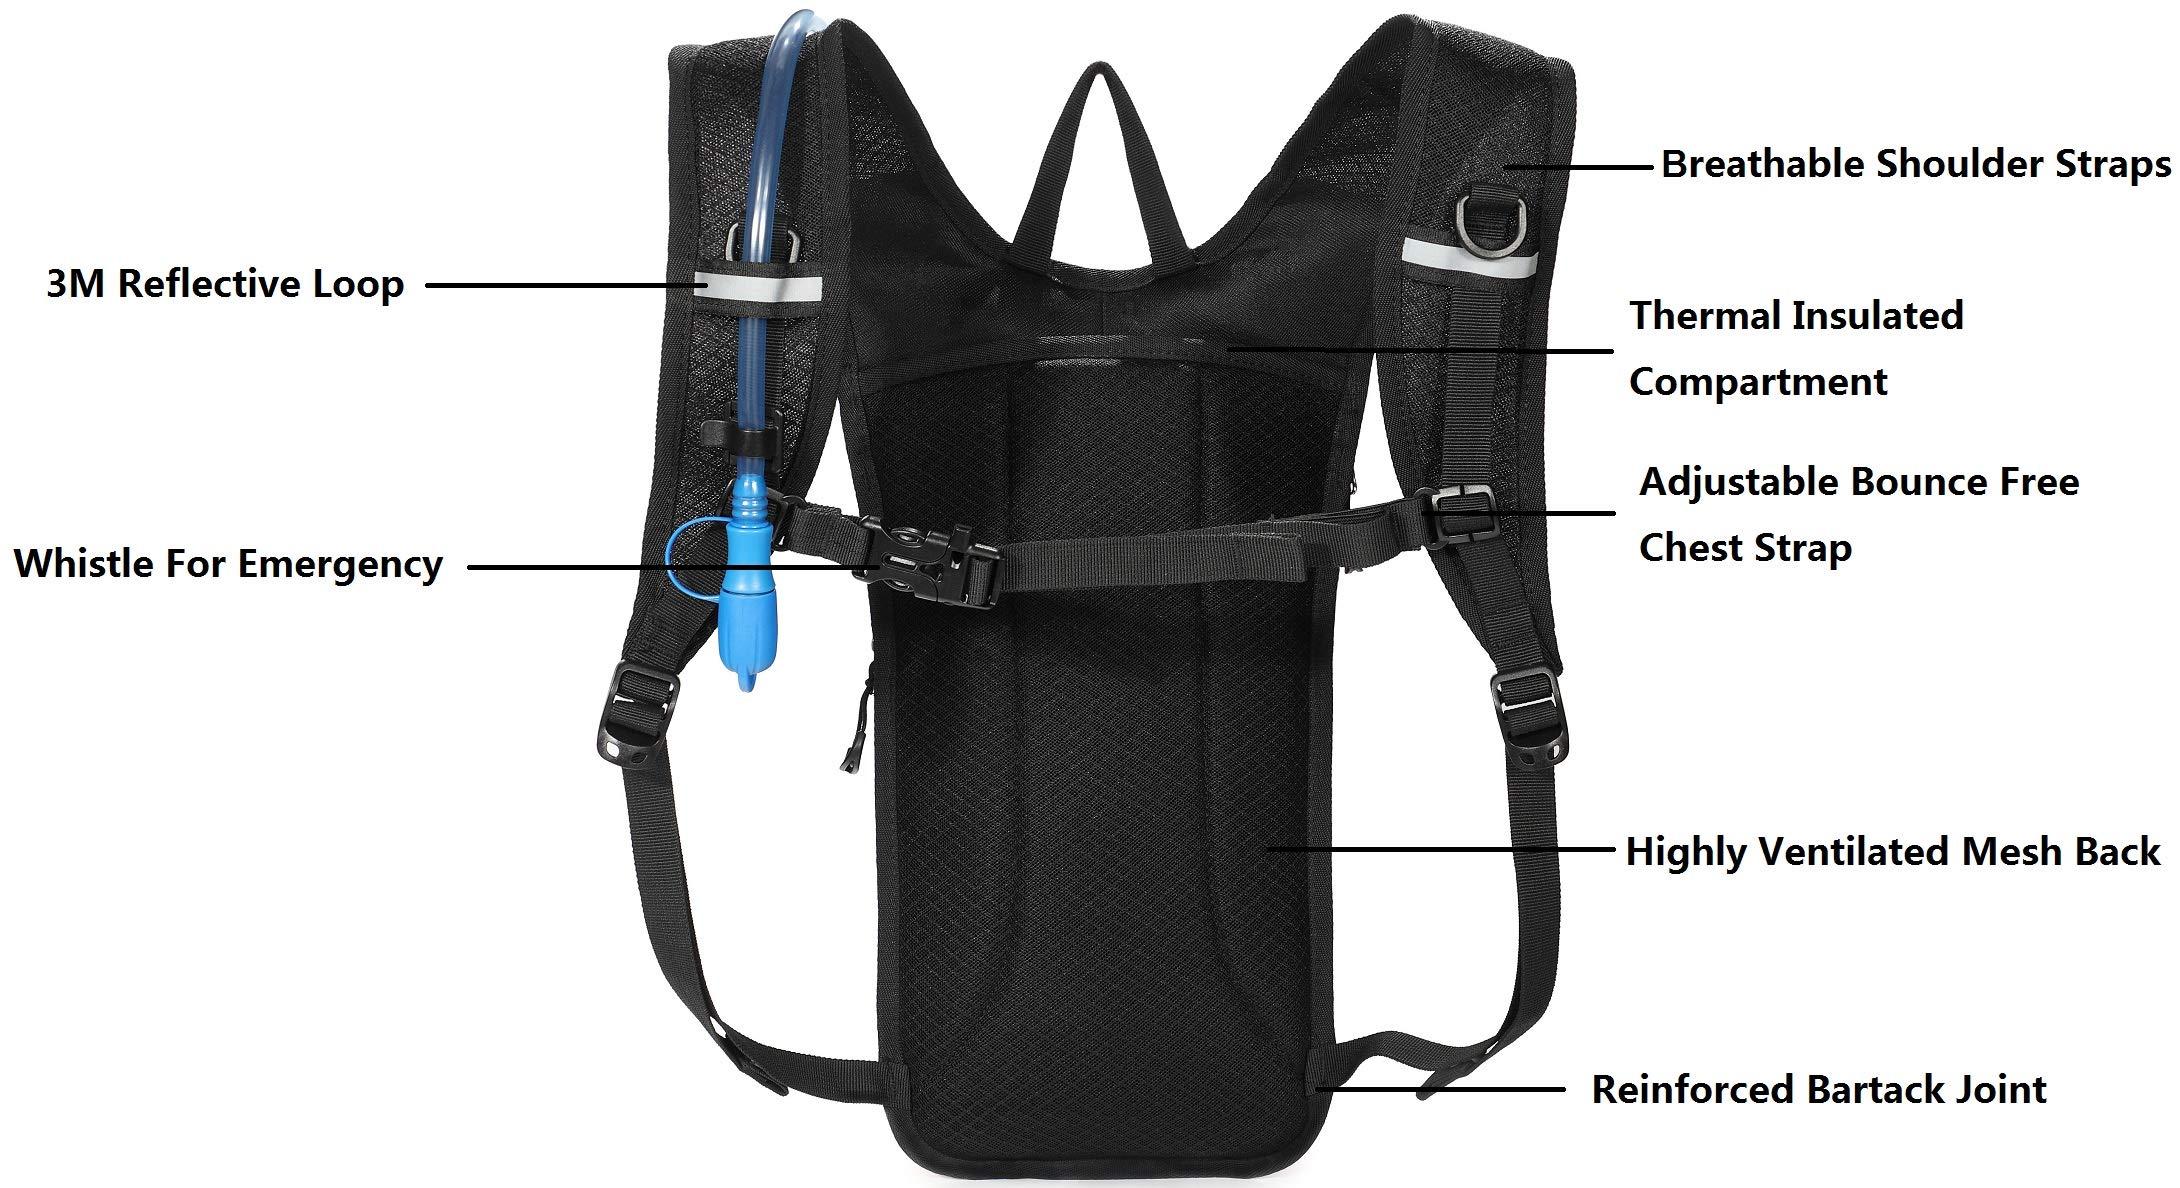 Terra Peak 2 litre Hydration Bladder Pack Water Hydro Bag Reservoir Festival